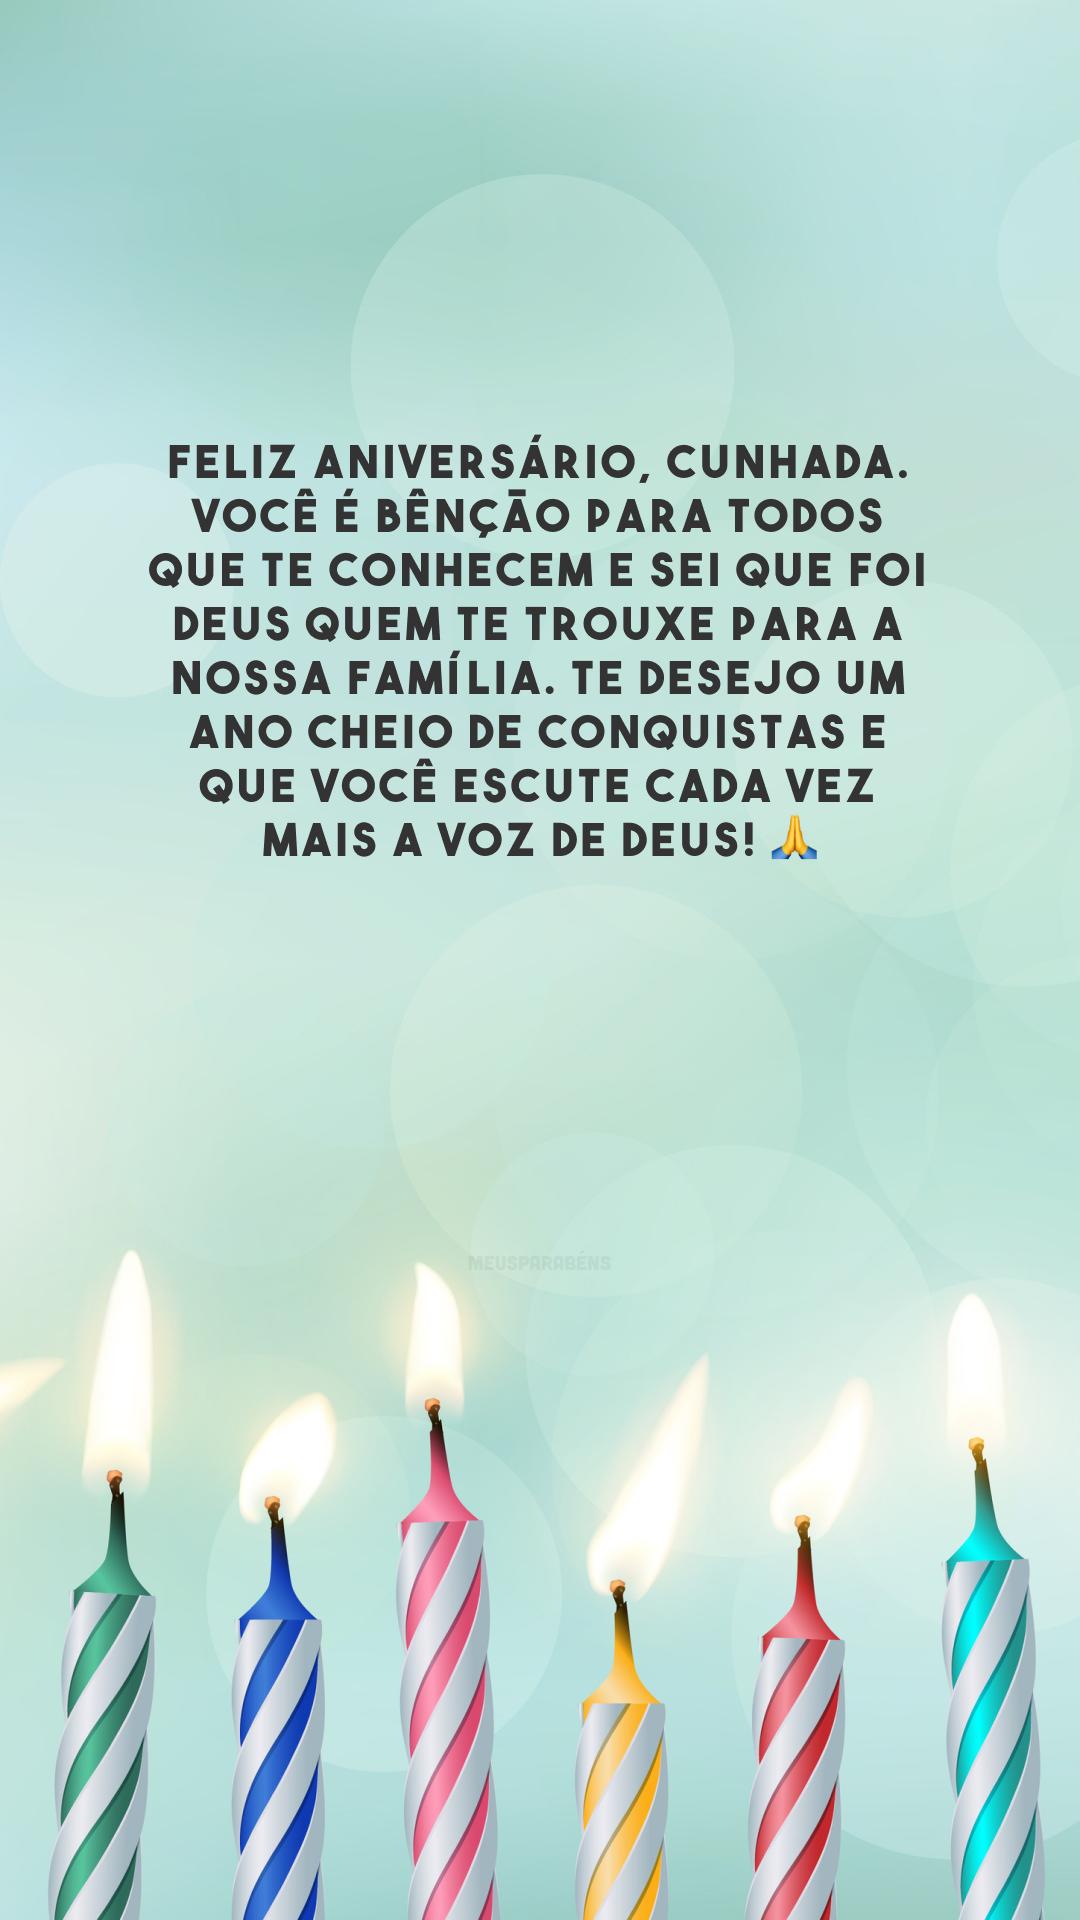 Feliz aniversário, cunhada. Você é bênção para todos que te conhecem e sei que foi Deus quem te trouxe para a nossa família. Te desejo um ano cheio de conquistas e que você escute cada vez mais a voz de Deus! 🙏